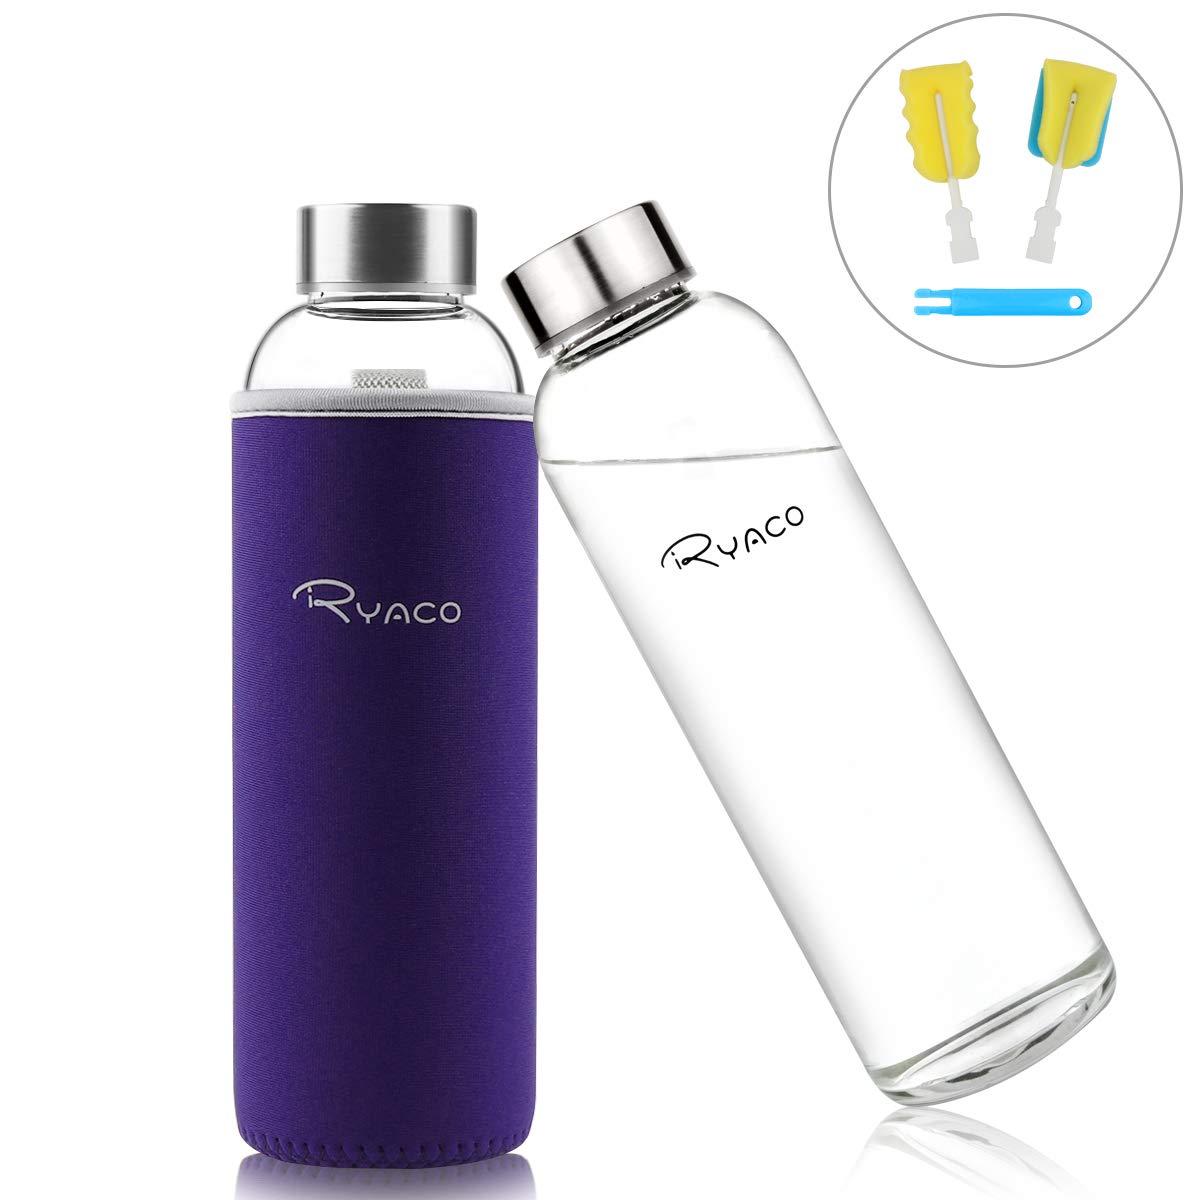 Ryaco Botella de Agua Cristal 550ml, Botella de Agua Reutilizable 18 oz, Sin BPA Antideslizante Protección Neopreno Llevar Manga y Cepillo de Esponja: ...